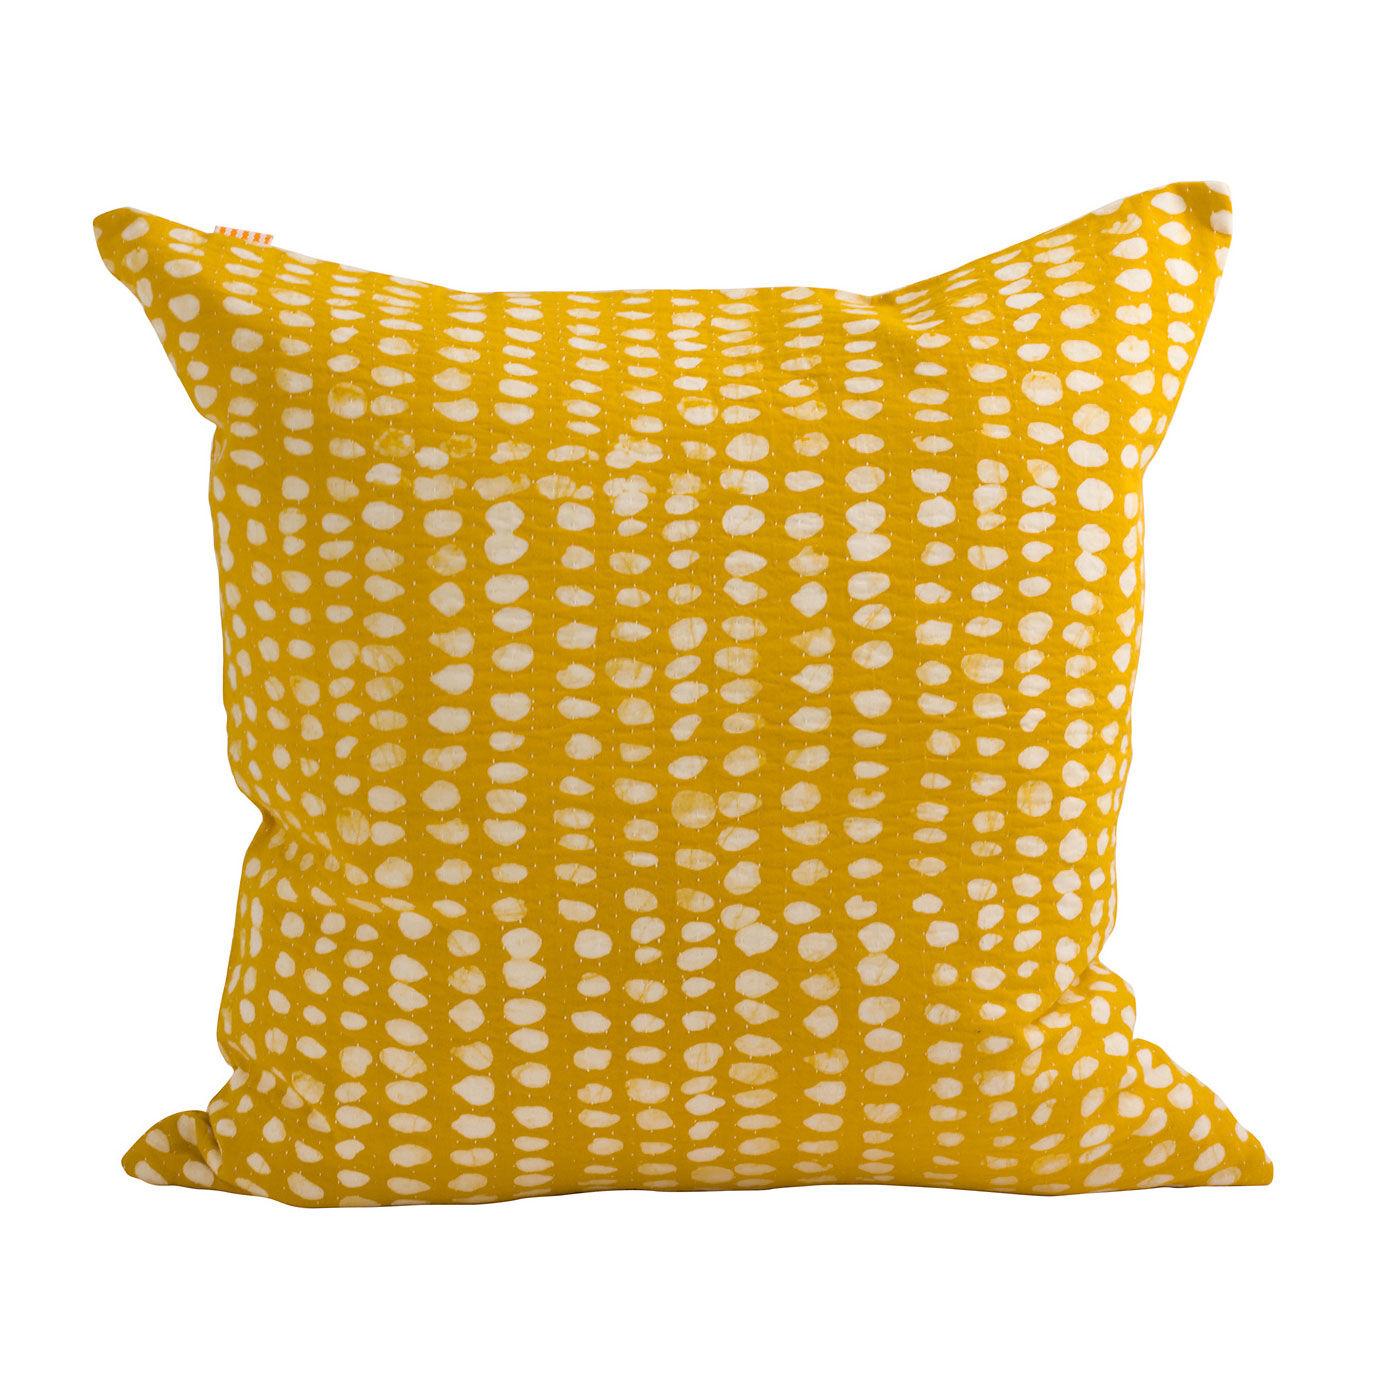 Afroart Spot Tyynynpäällinen 50x50cm, Keltainen